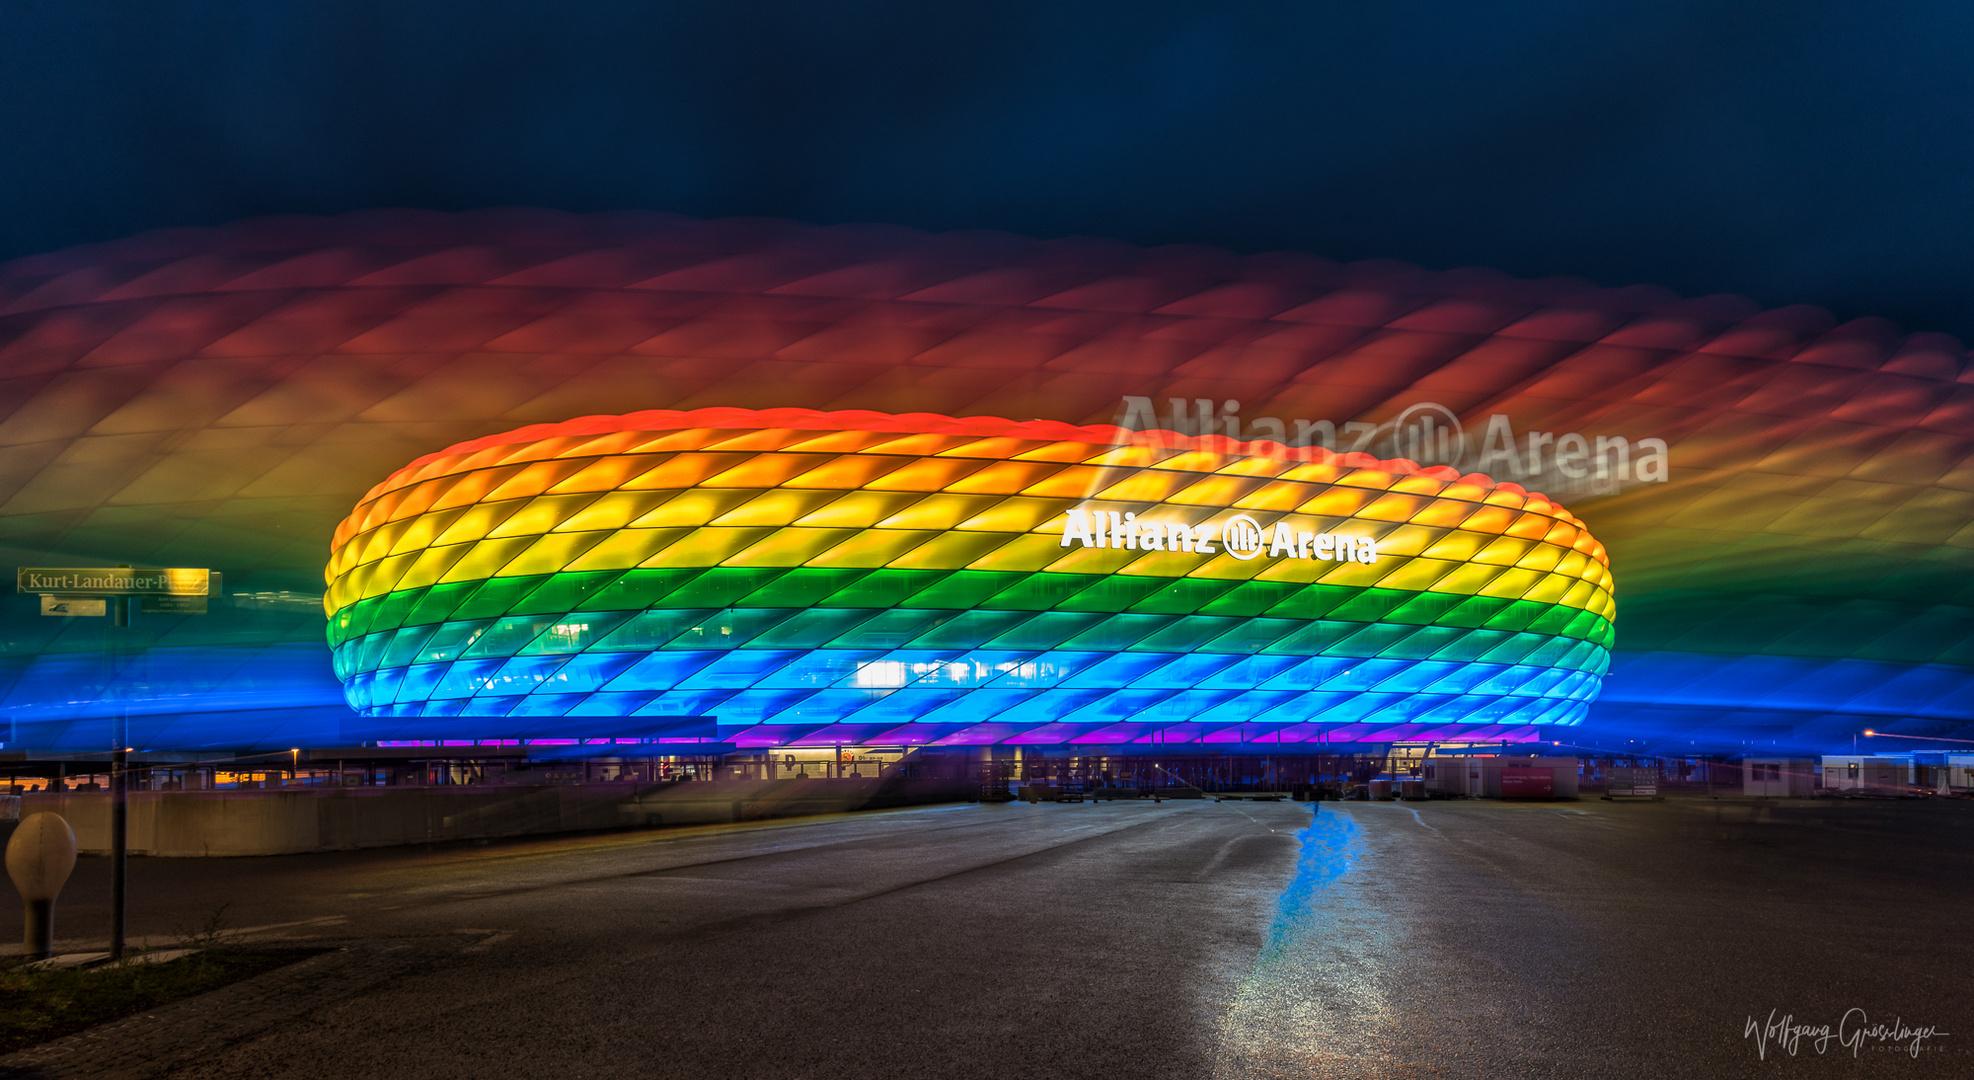 Bilder Allianz Arena